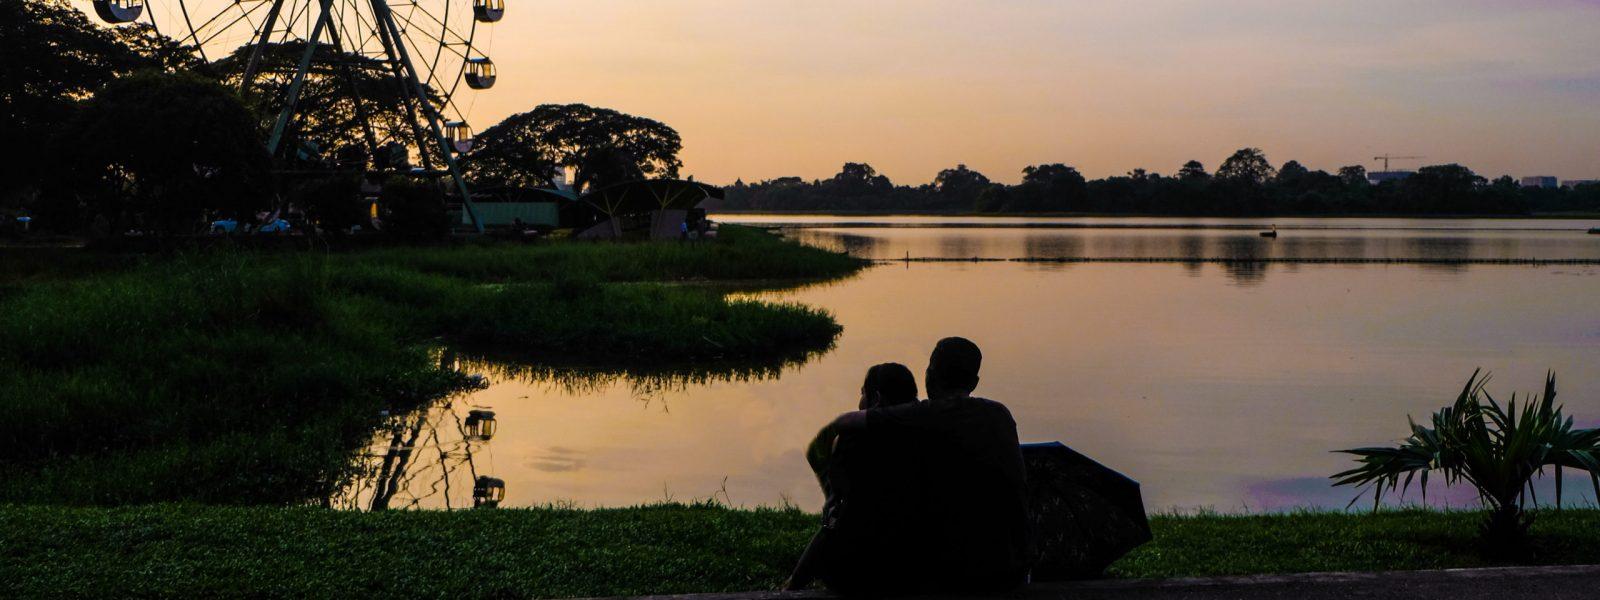 Yangon - Inya Lake - Myanmar - Sampan Travel